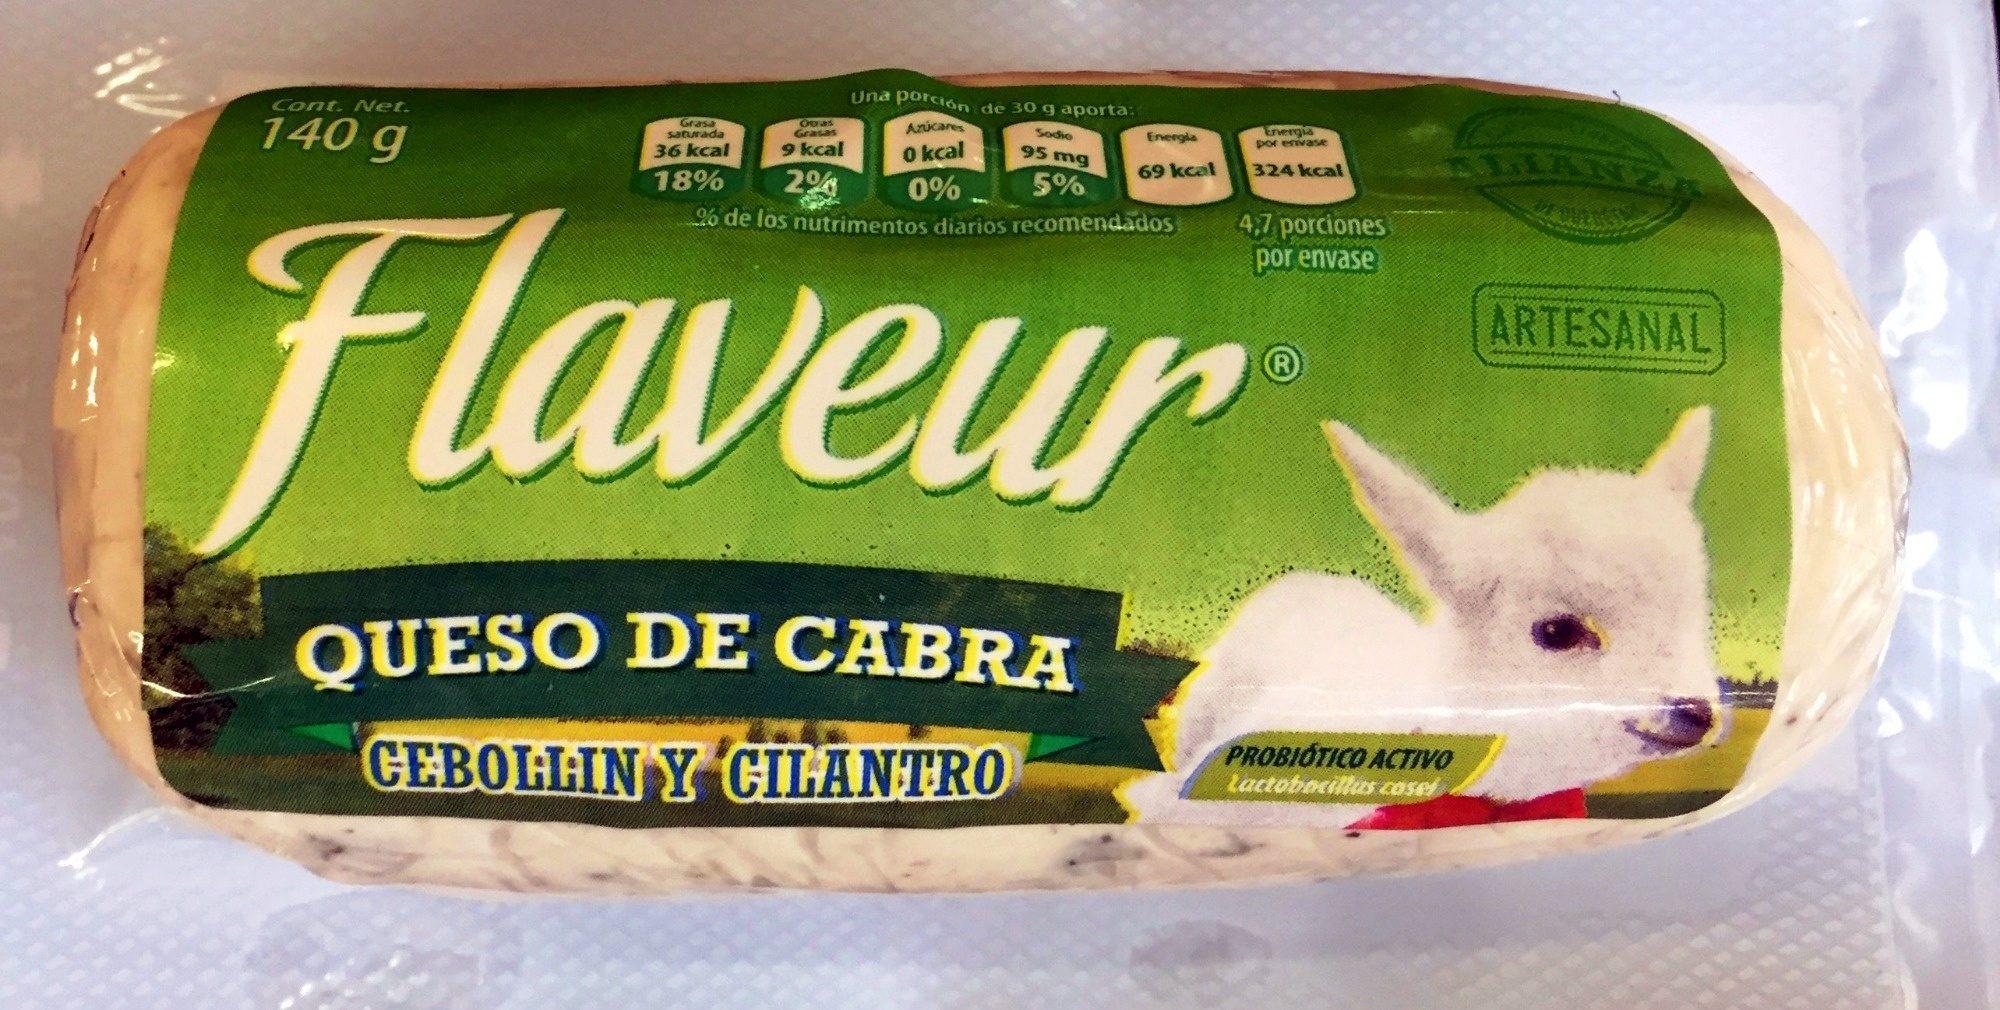 Flaveur Cebollin y Cilantro - Product - es